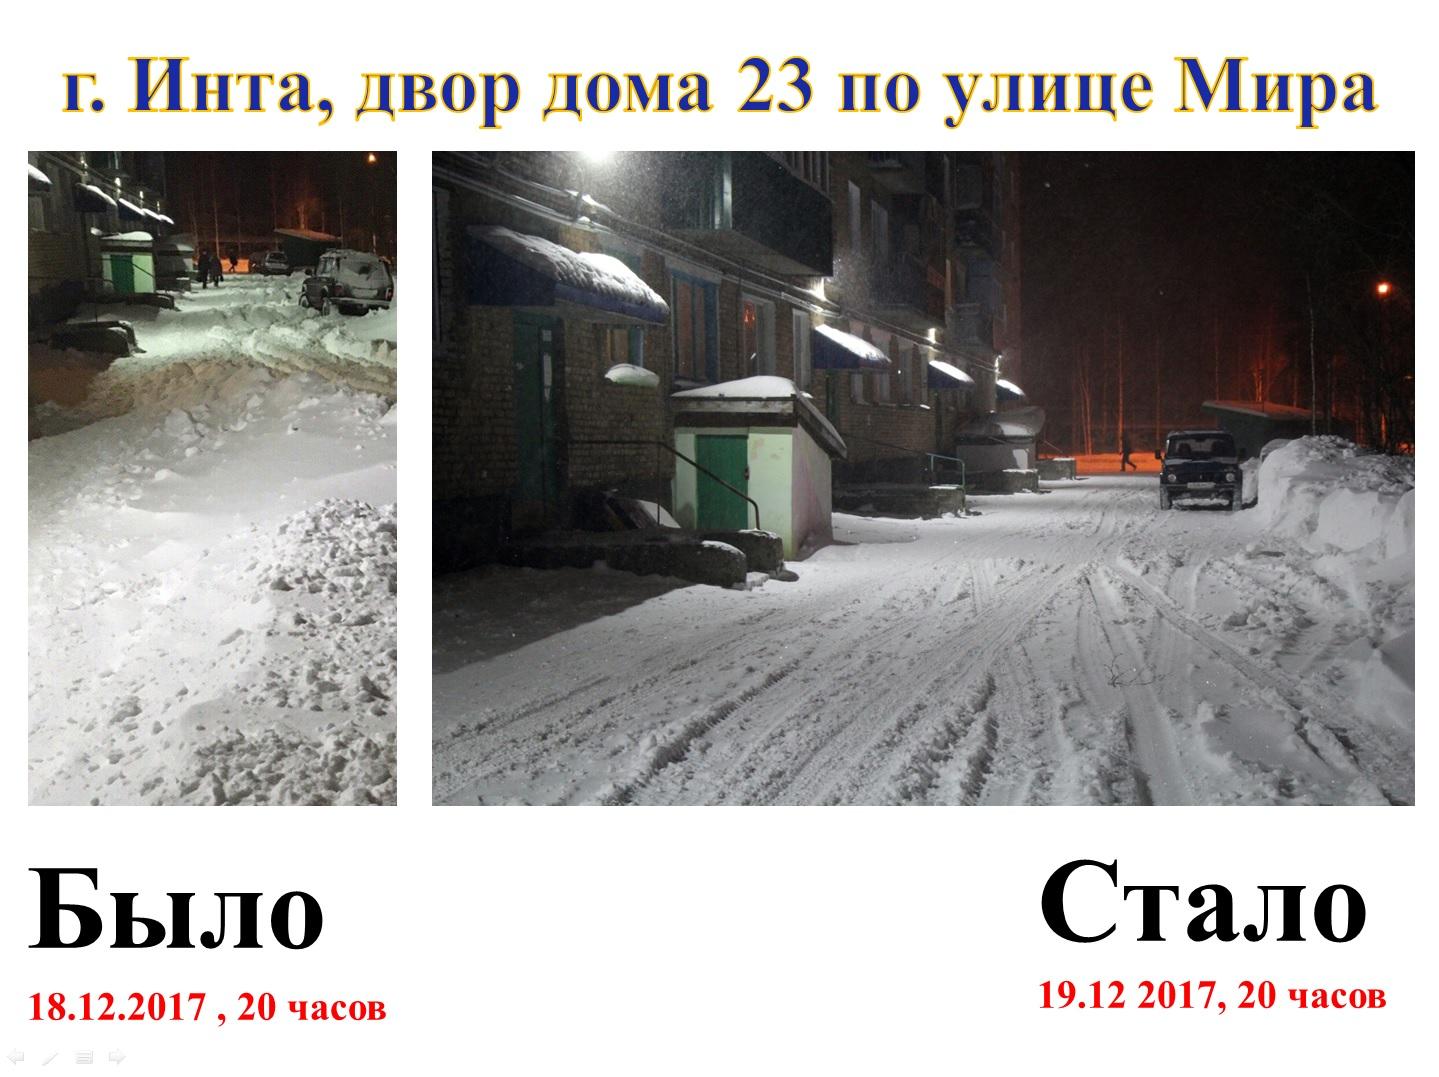 Mira-23.jpg